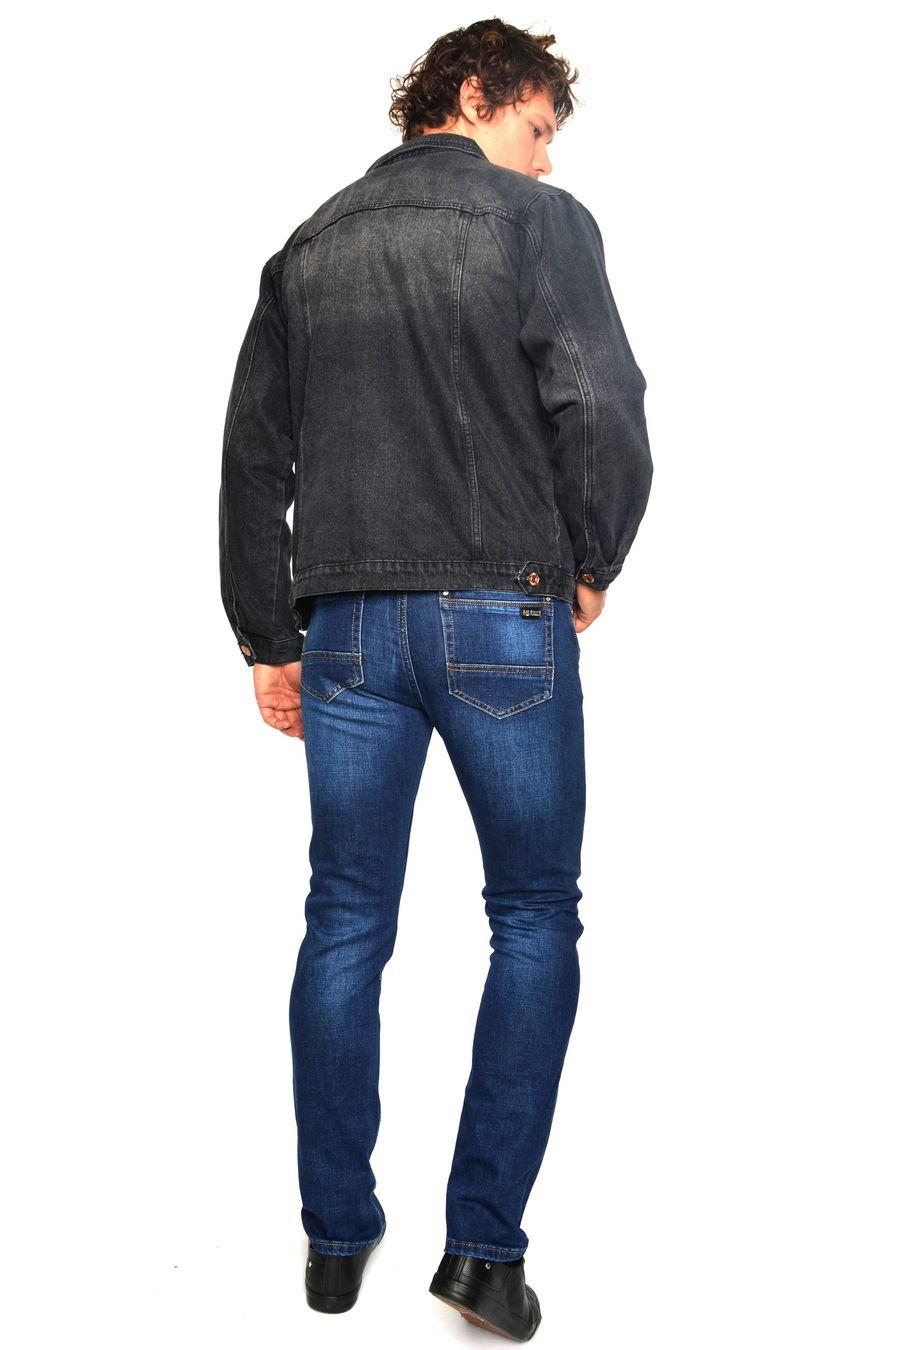 Пиджак мужской (джинсовка) Arnold 5709B - фото 4